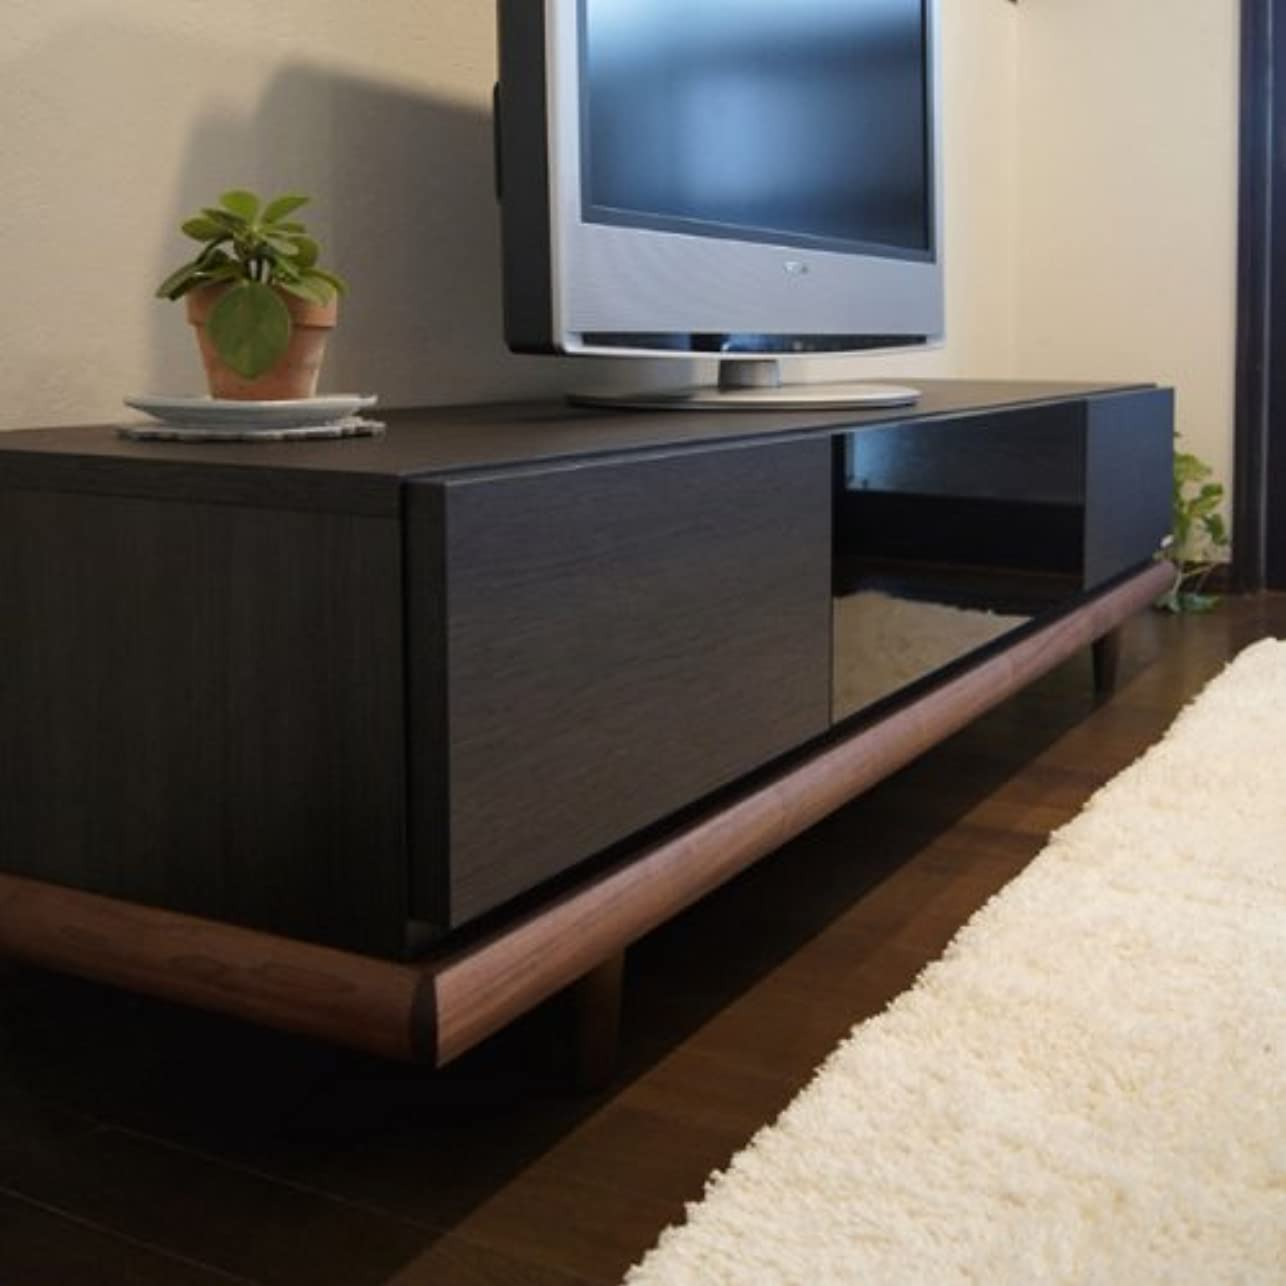 騒乱骨折持続的BN 幅160cm テレビ台 テレビボード 国産 tv台 日本製 木製 TVボード 北欧 家具 テイスト ローボード リビングボード オフィス 32型 grove 160